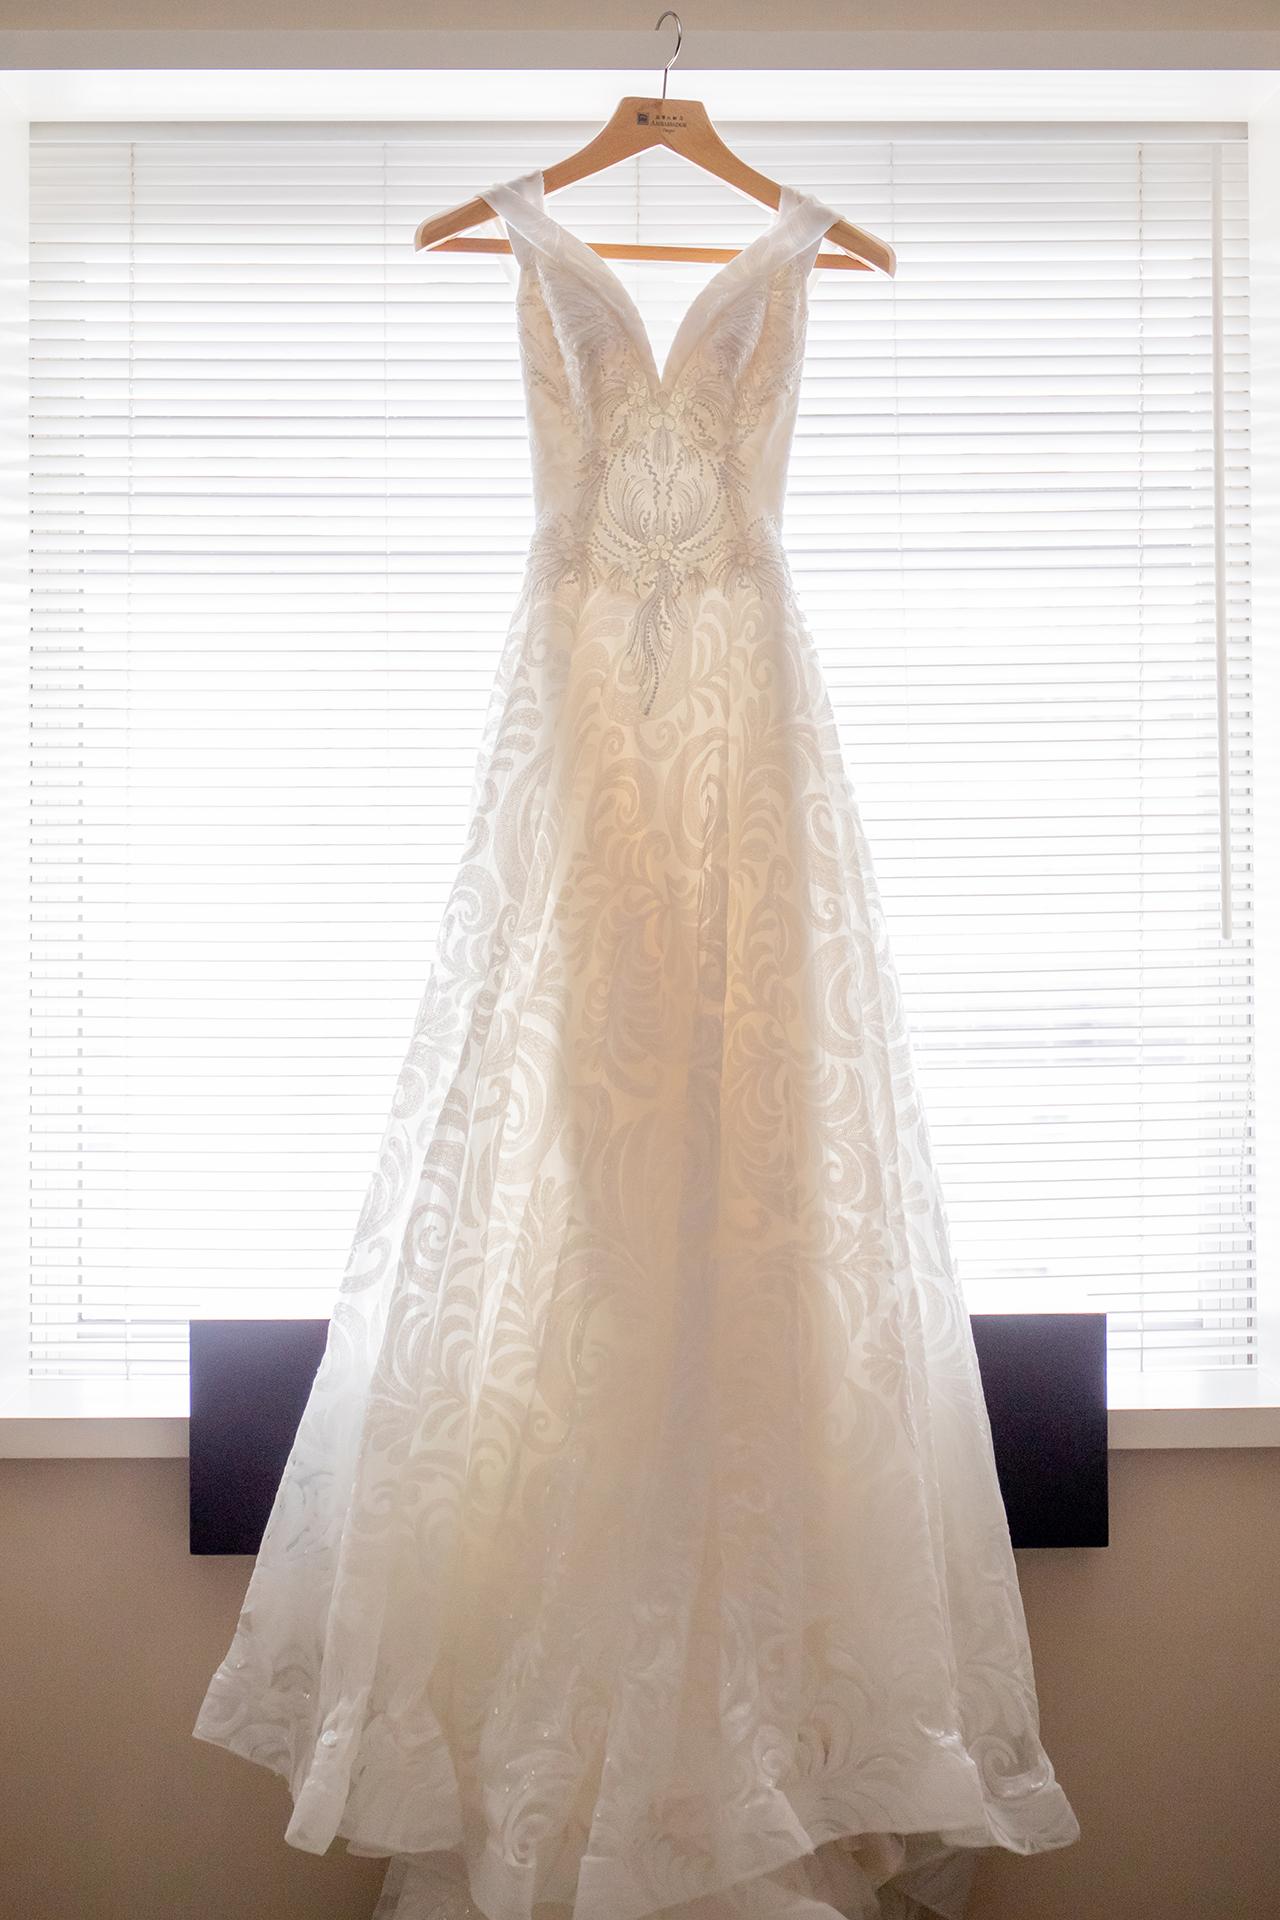 國賓婚攝,台北婚攝,婚禮攝影,婚攝ppt推薦,婚禮作品,婚攝價格,婚禮記錄